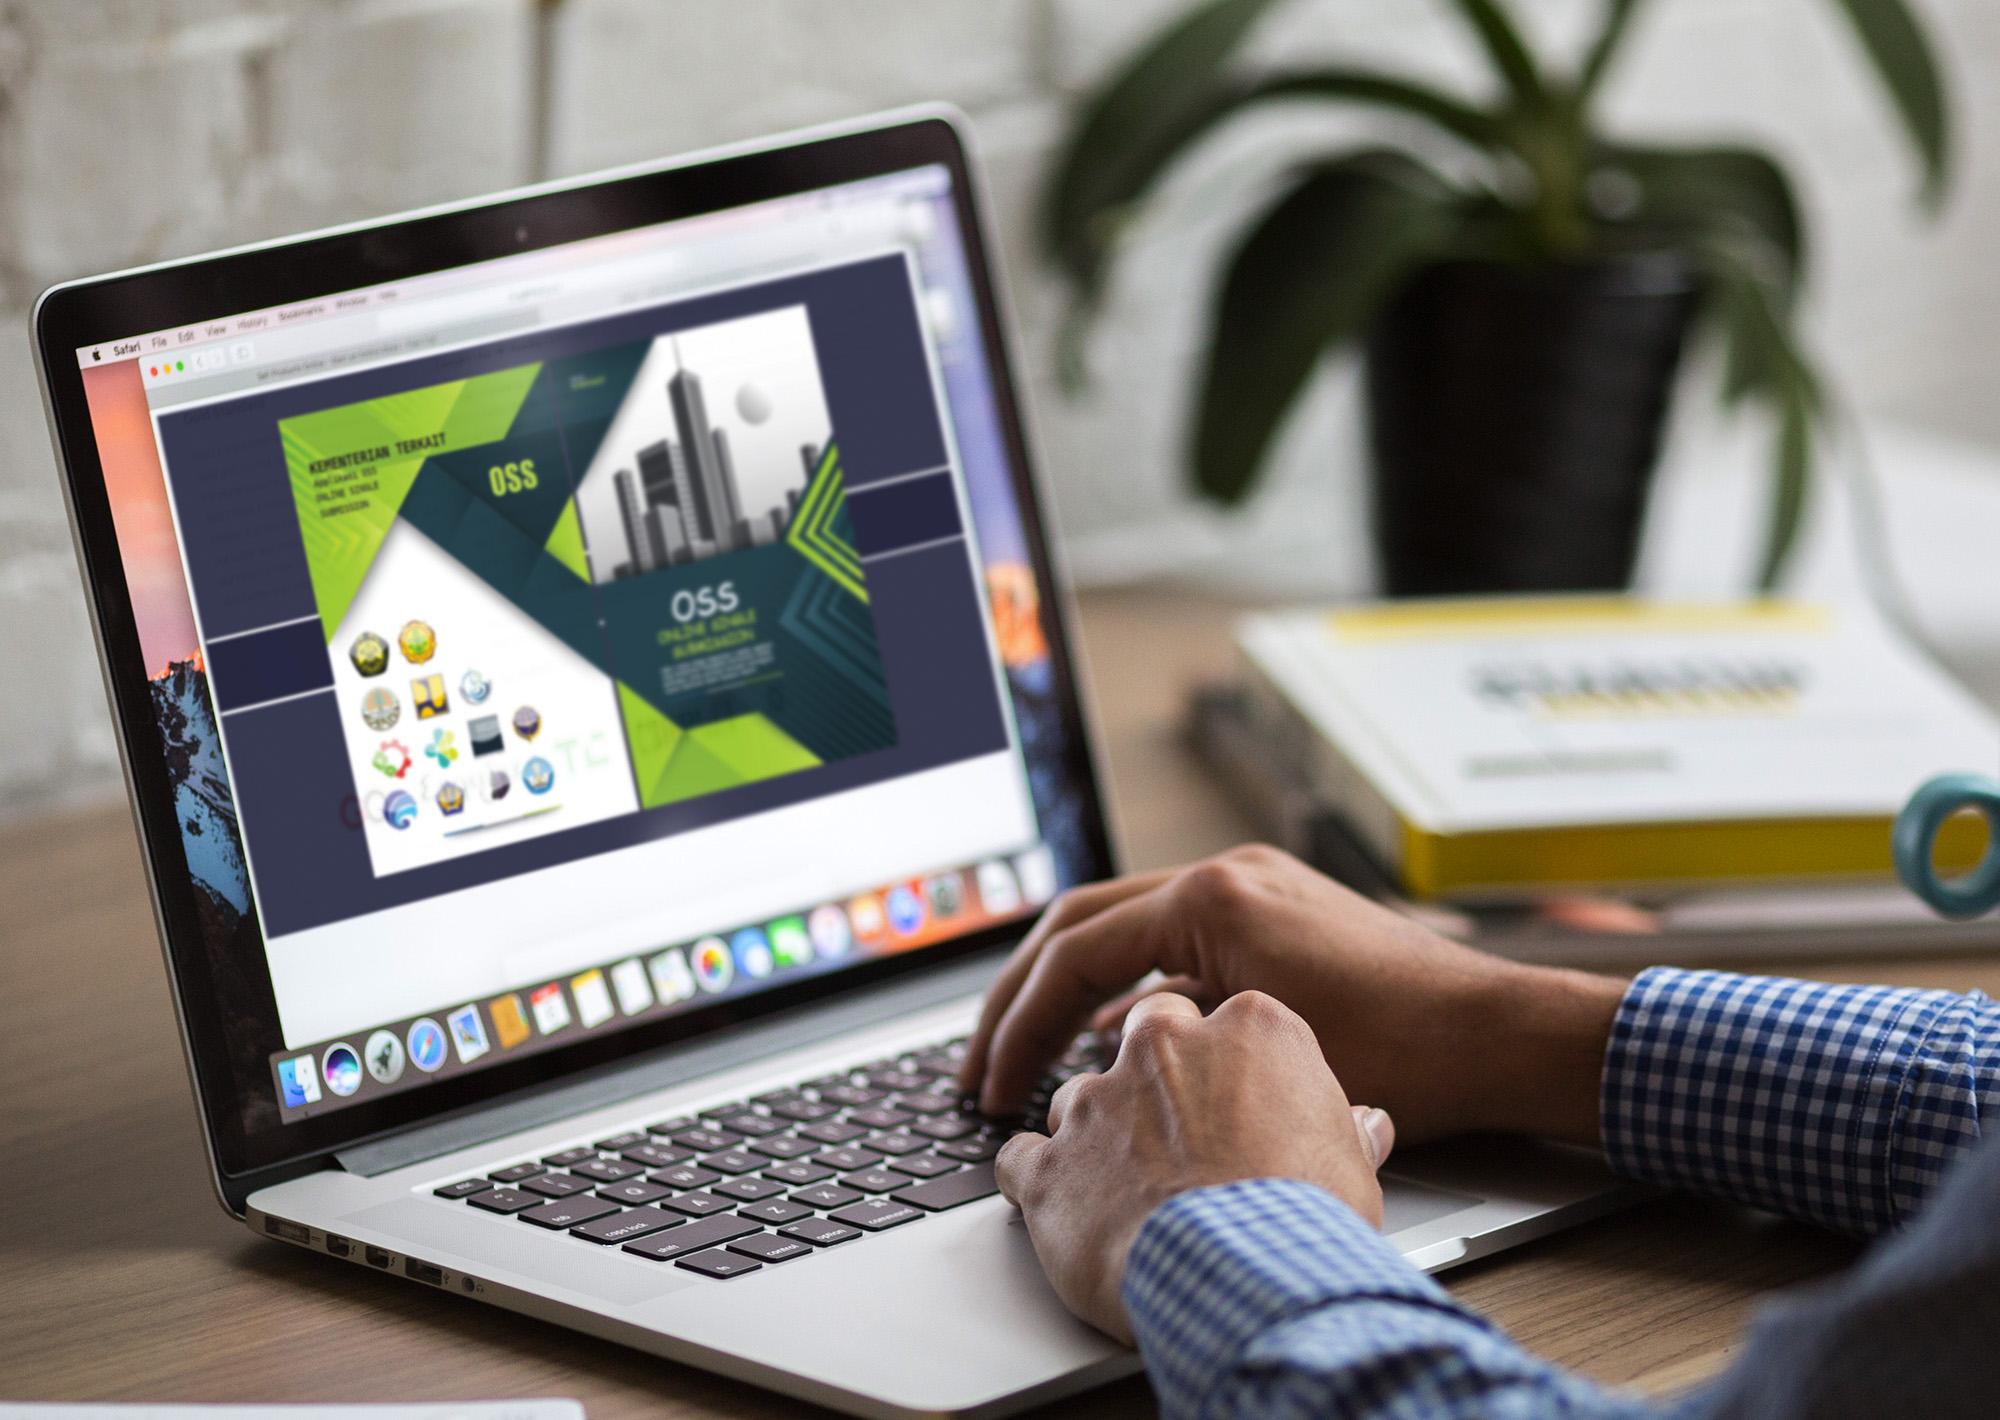 Online single submission diluncurkan, apa manfaatnya buat dunia investasi?